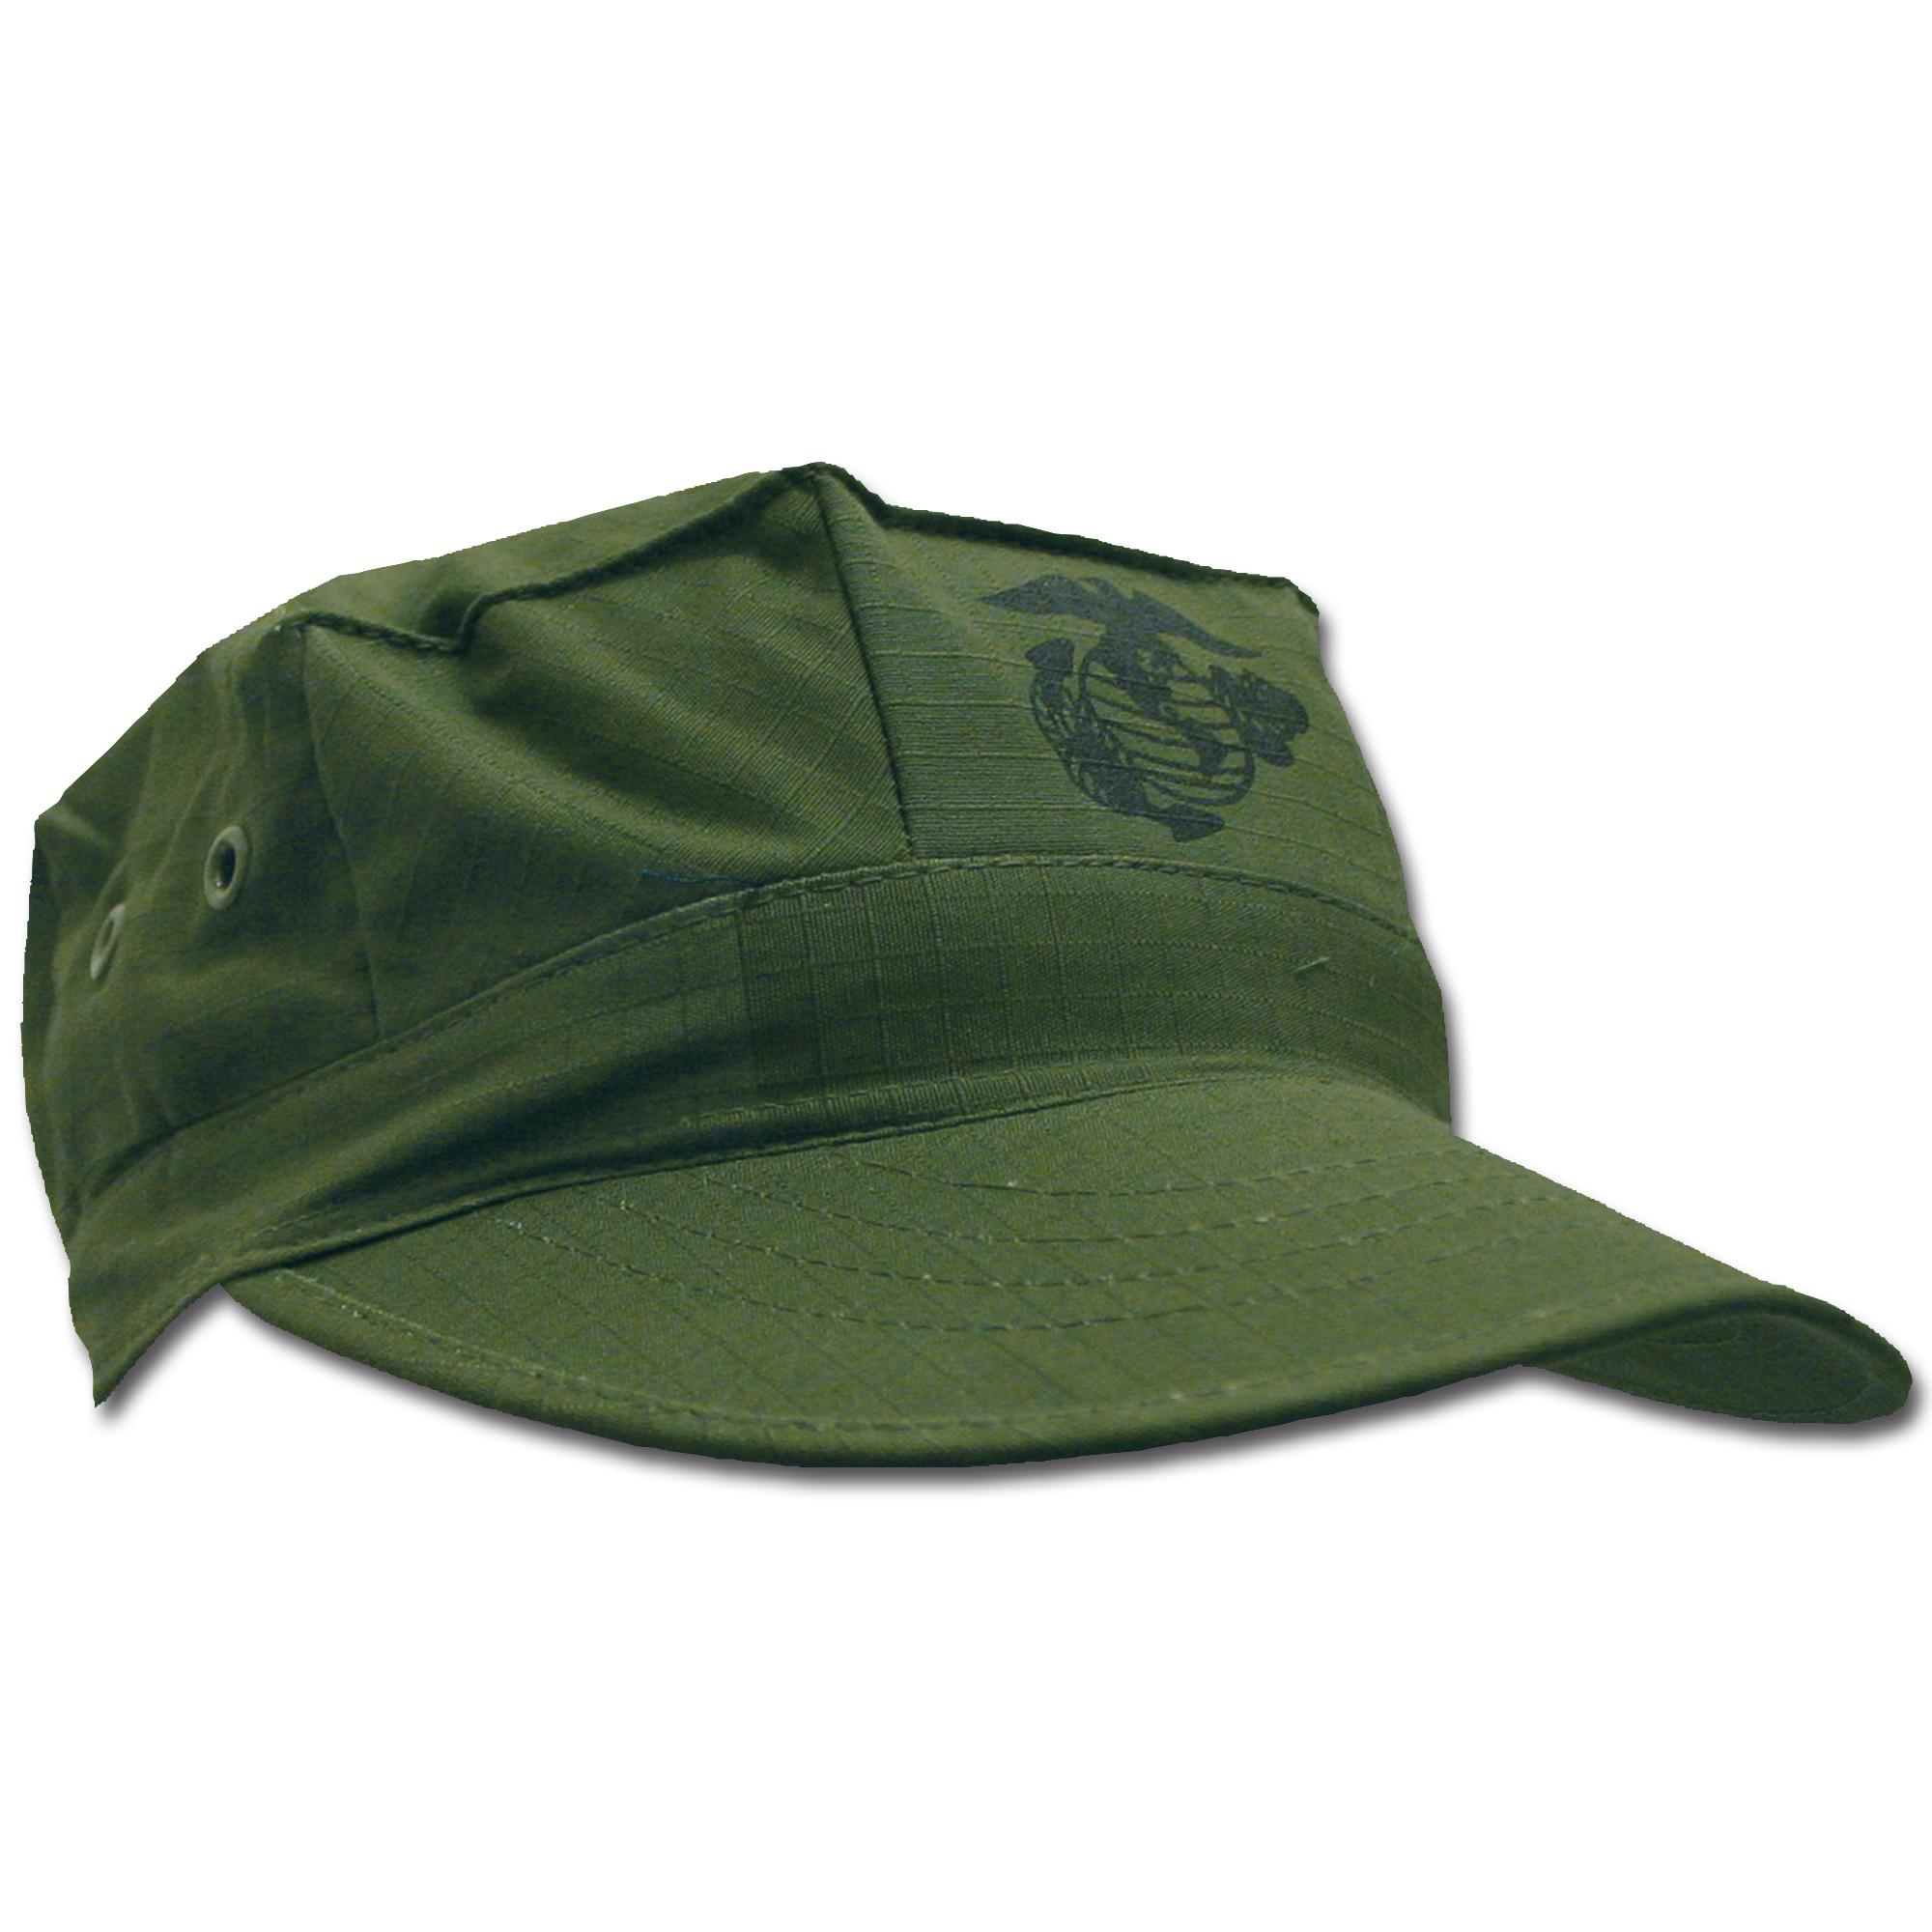 USMC Cap oliv